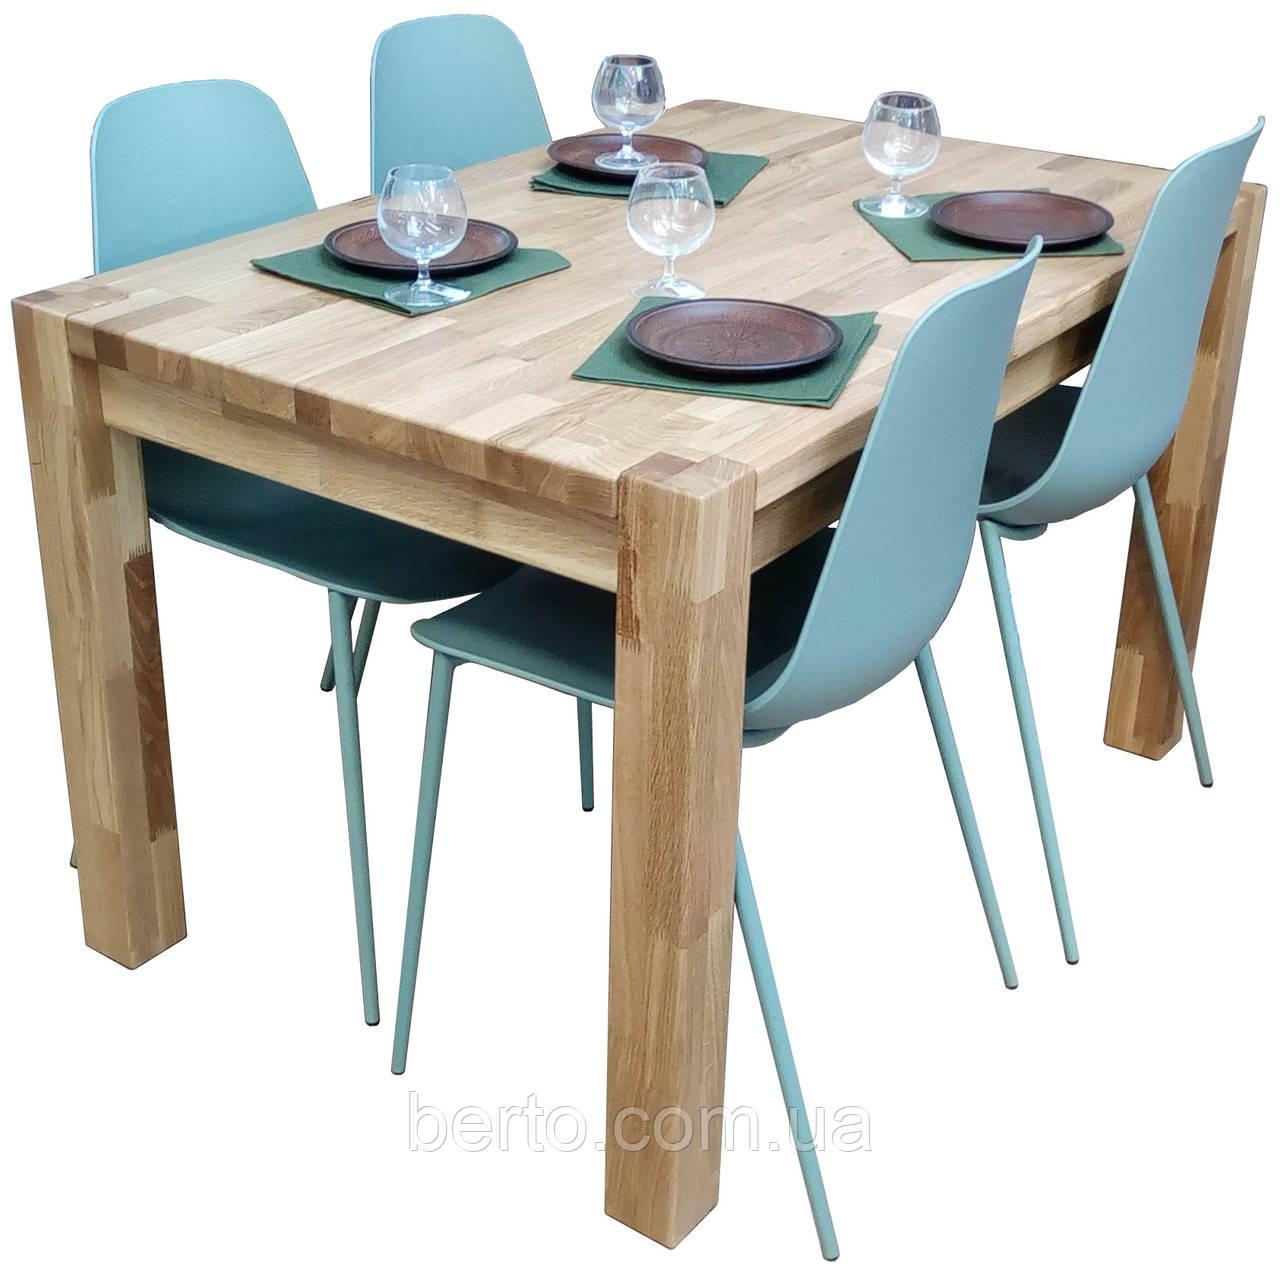 """Дубовый нераскладной стол """"Амберг люкс """" 120*80 см."""